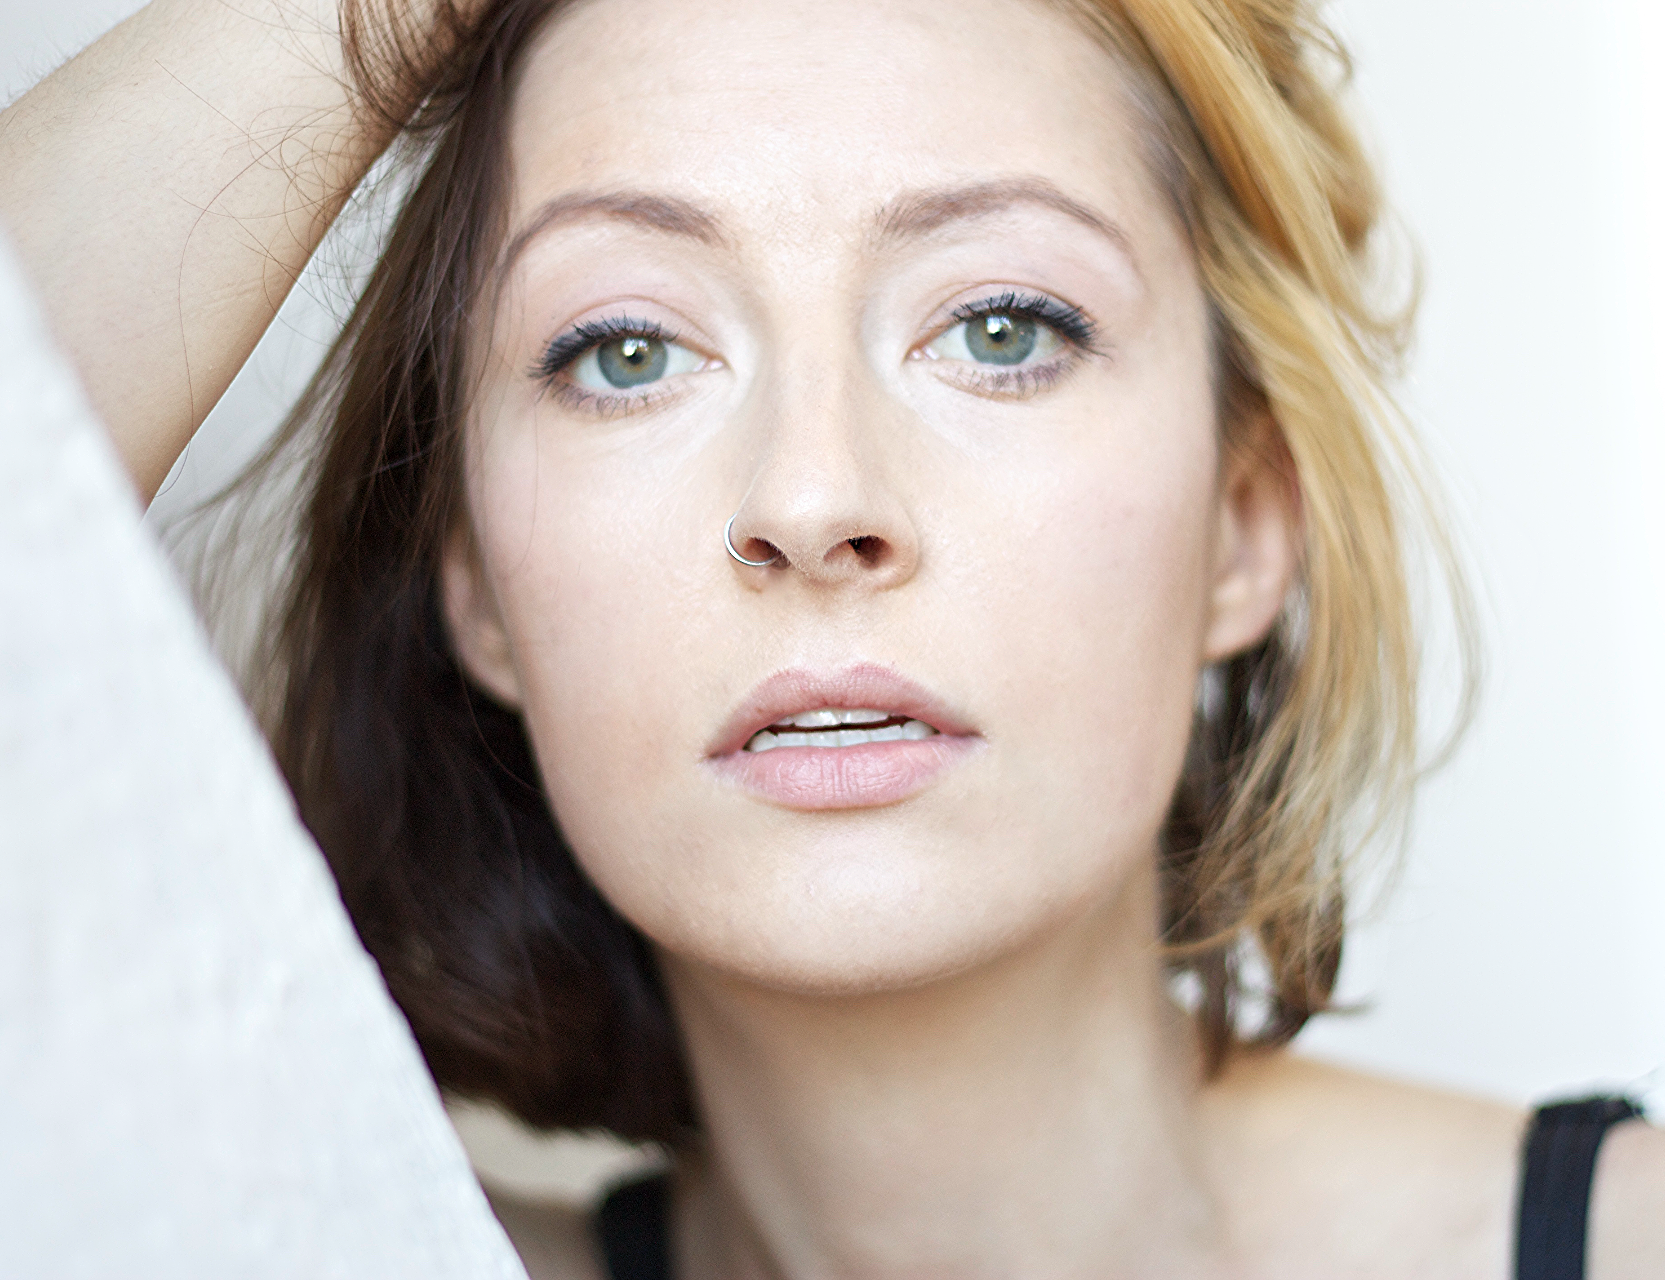 Melanie Pyne